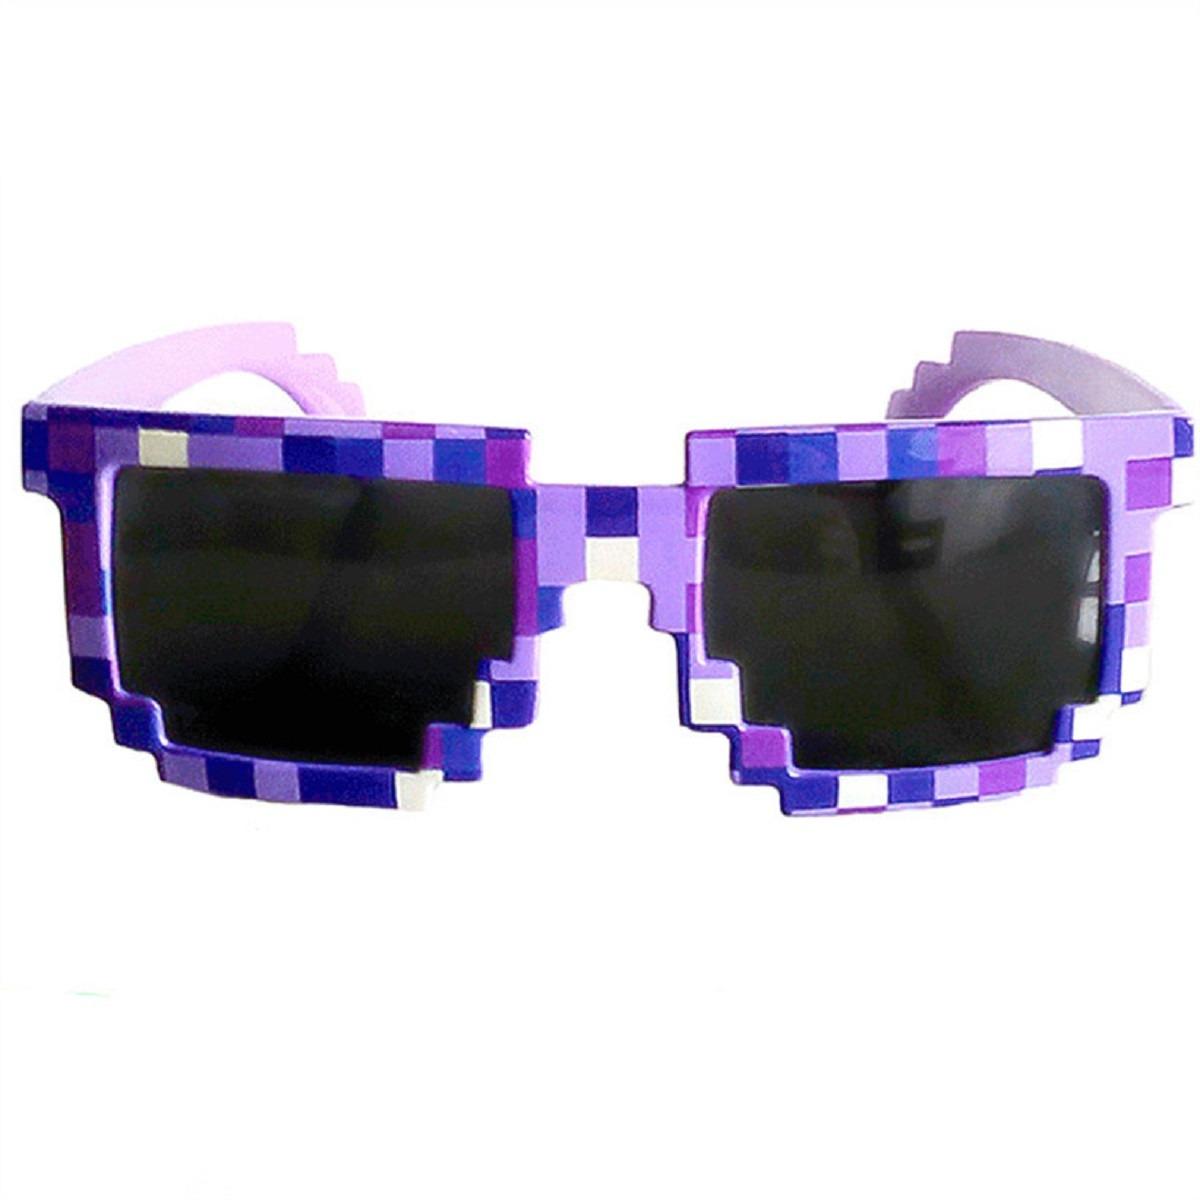 71160cd33 óculos quadrado adulto infantil mosaico nerd anime game show. Carregando  zoom.